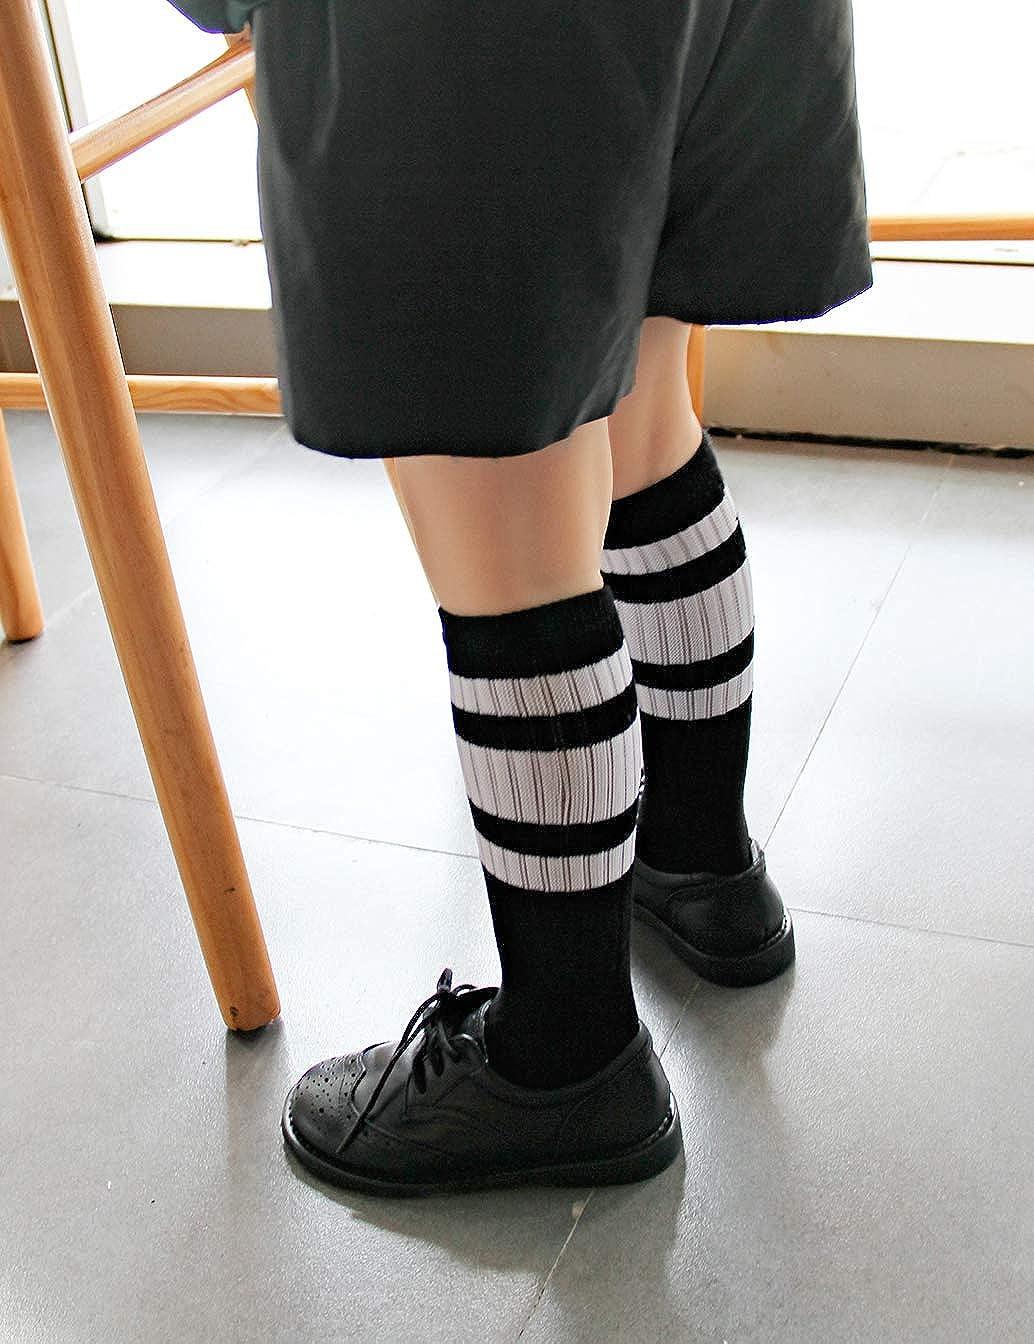 Girls Toddler /& Child 3,4 Pairs Knee High Tube Socks for Boys Baby